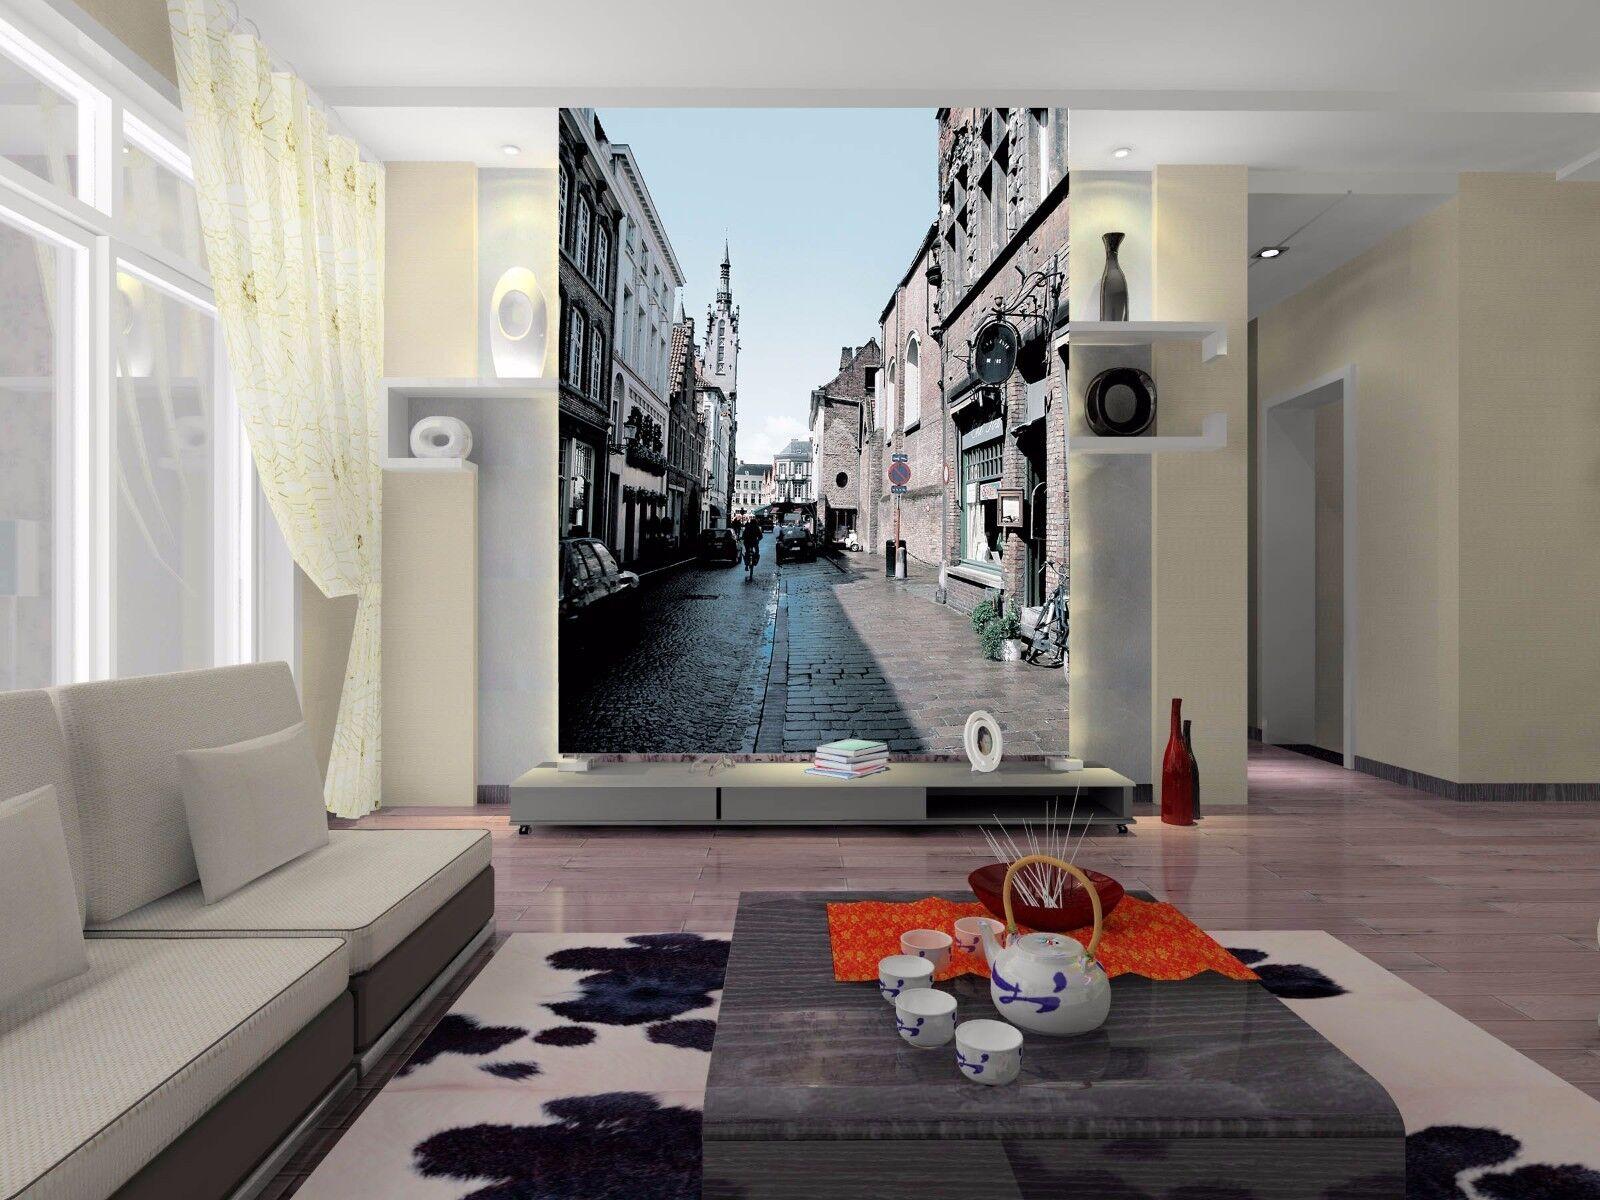 3D 3D 3D House Street 822 Wallpaper Mural Paper Wall Print Wallpaper Murals UK Lemon afdcce